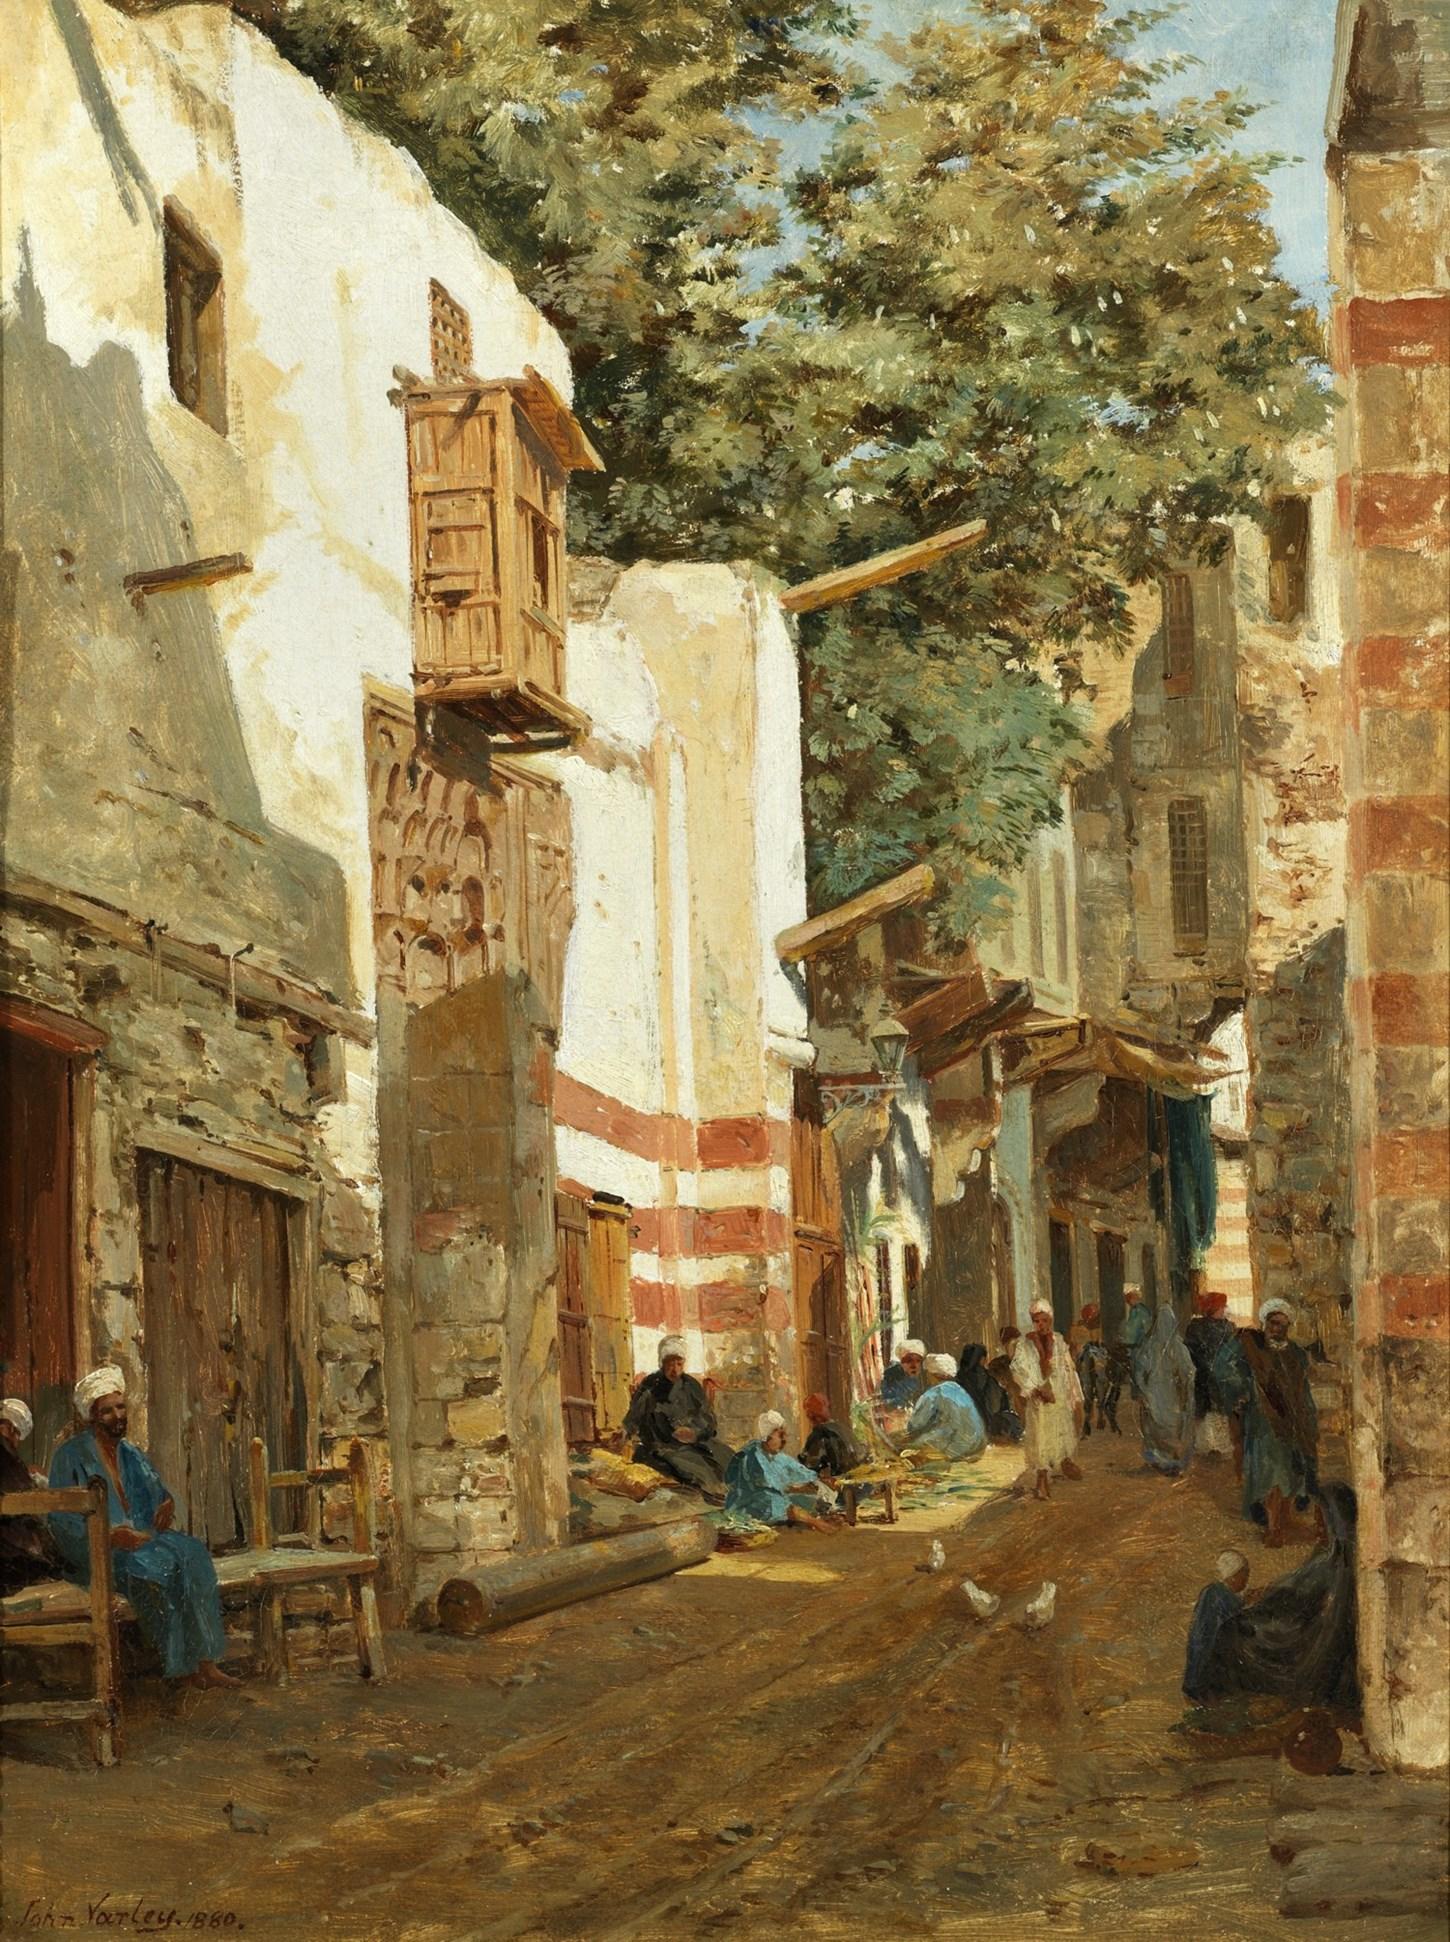 Street of the Sharouri, Cairo